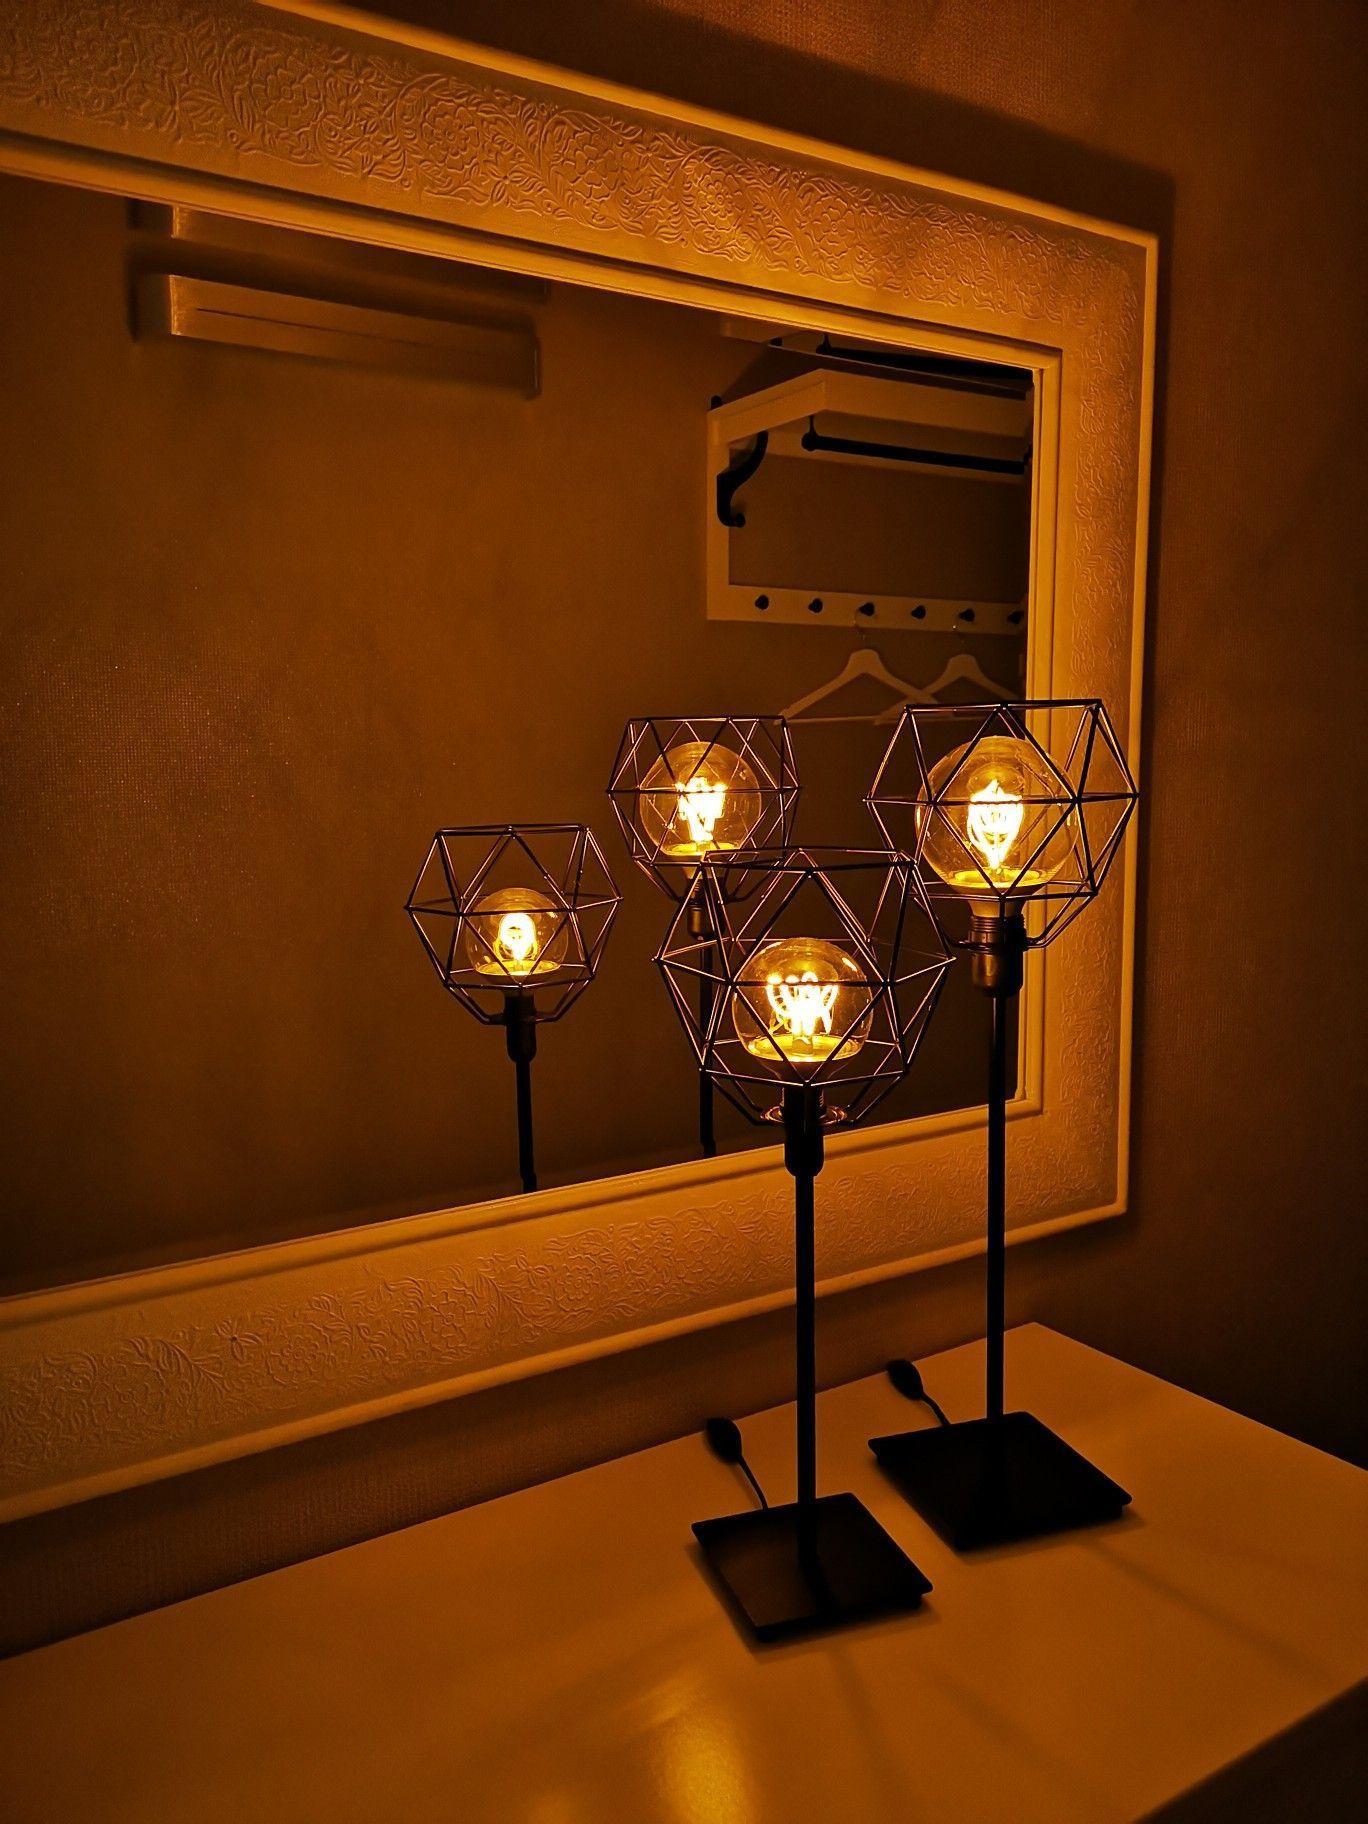 Tischleuchte Dekoration Wohnzimmer Tischlampe Dekorieren Ikeahack Dekoidee Basteln Brunsta Kommode Spiegel Leuchte Nittio Woh Ikea Hack Lamp Ikea